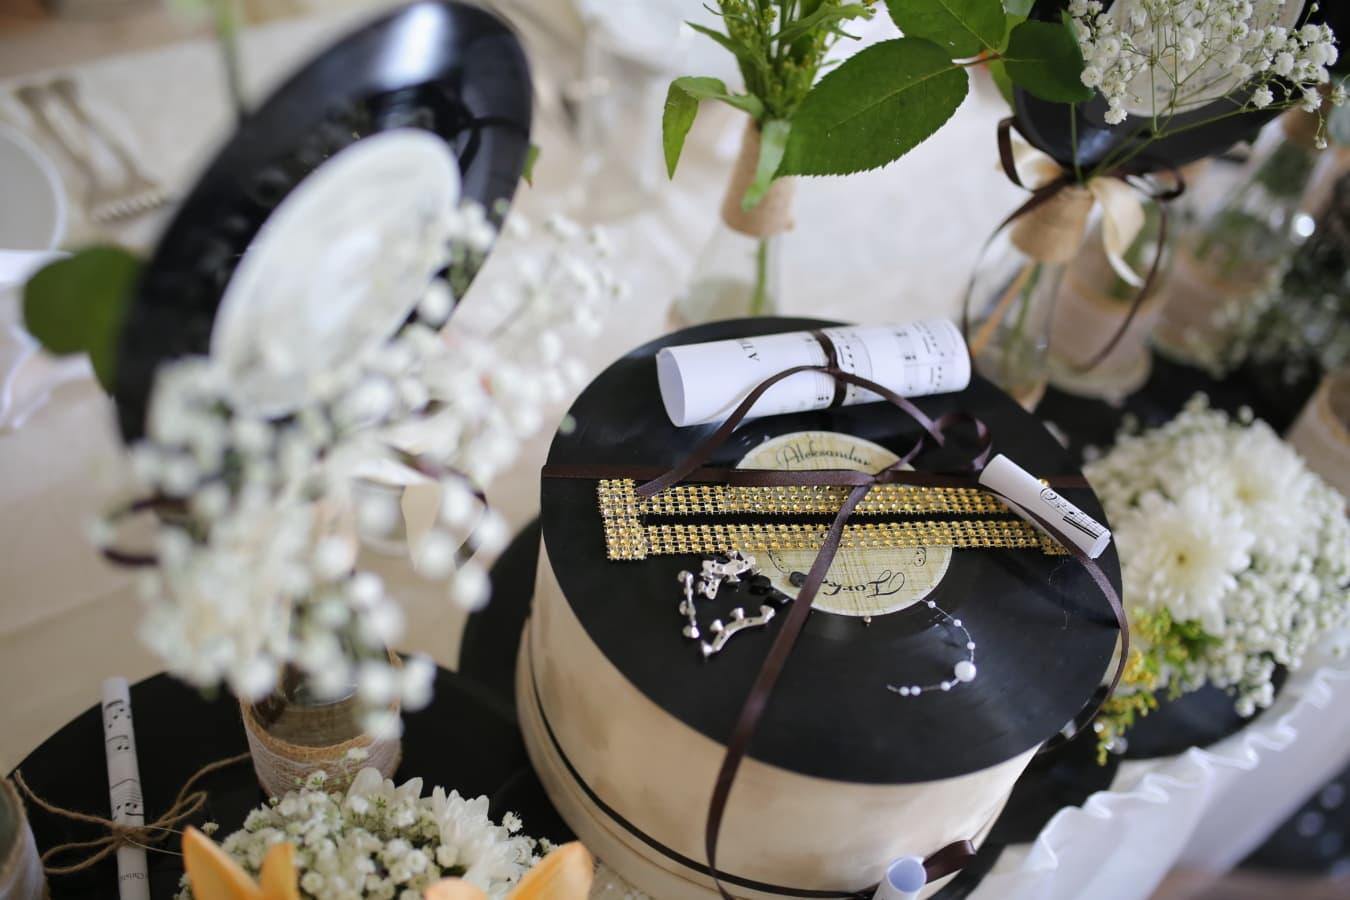 Geschenke, Nachricht, Schmuck, Valentinstag, Schallplatte, Erinnerungsstücke, Nostalgie, elegant, Luxus, Interieur-design